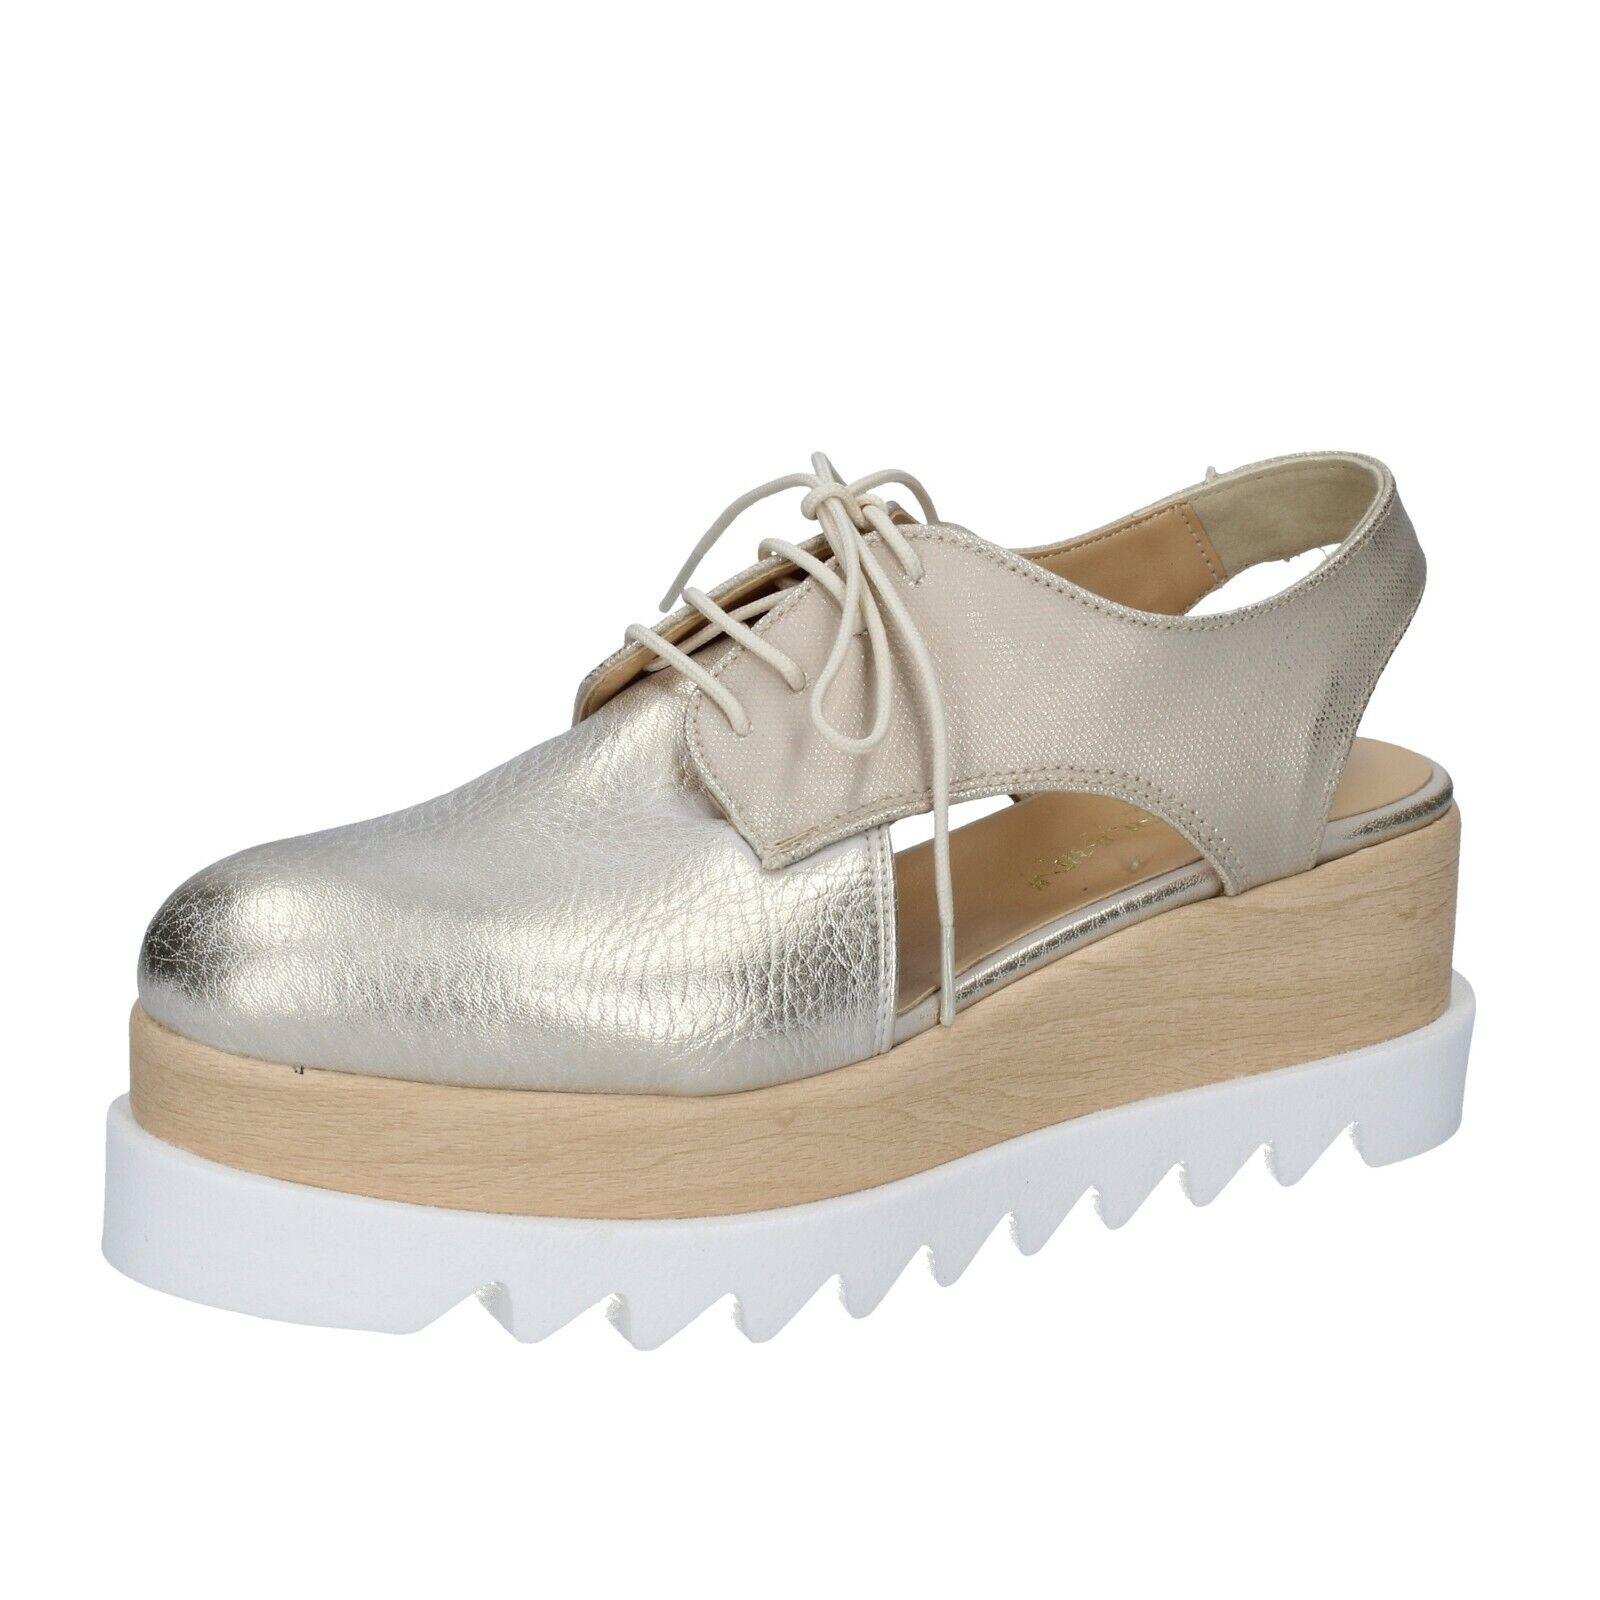 Chaussures Femmes Olga Rubini 35 UE élégante Platine Cuir bs377-35